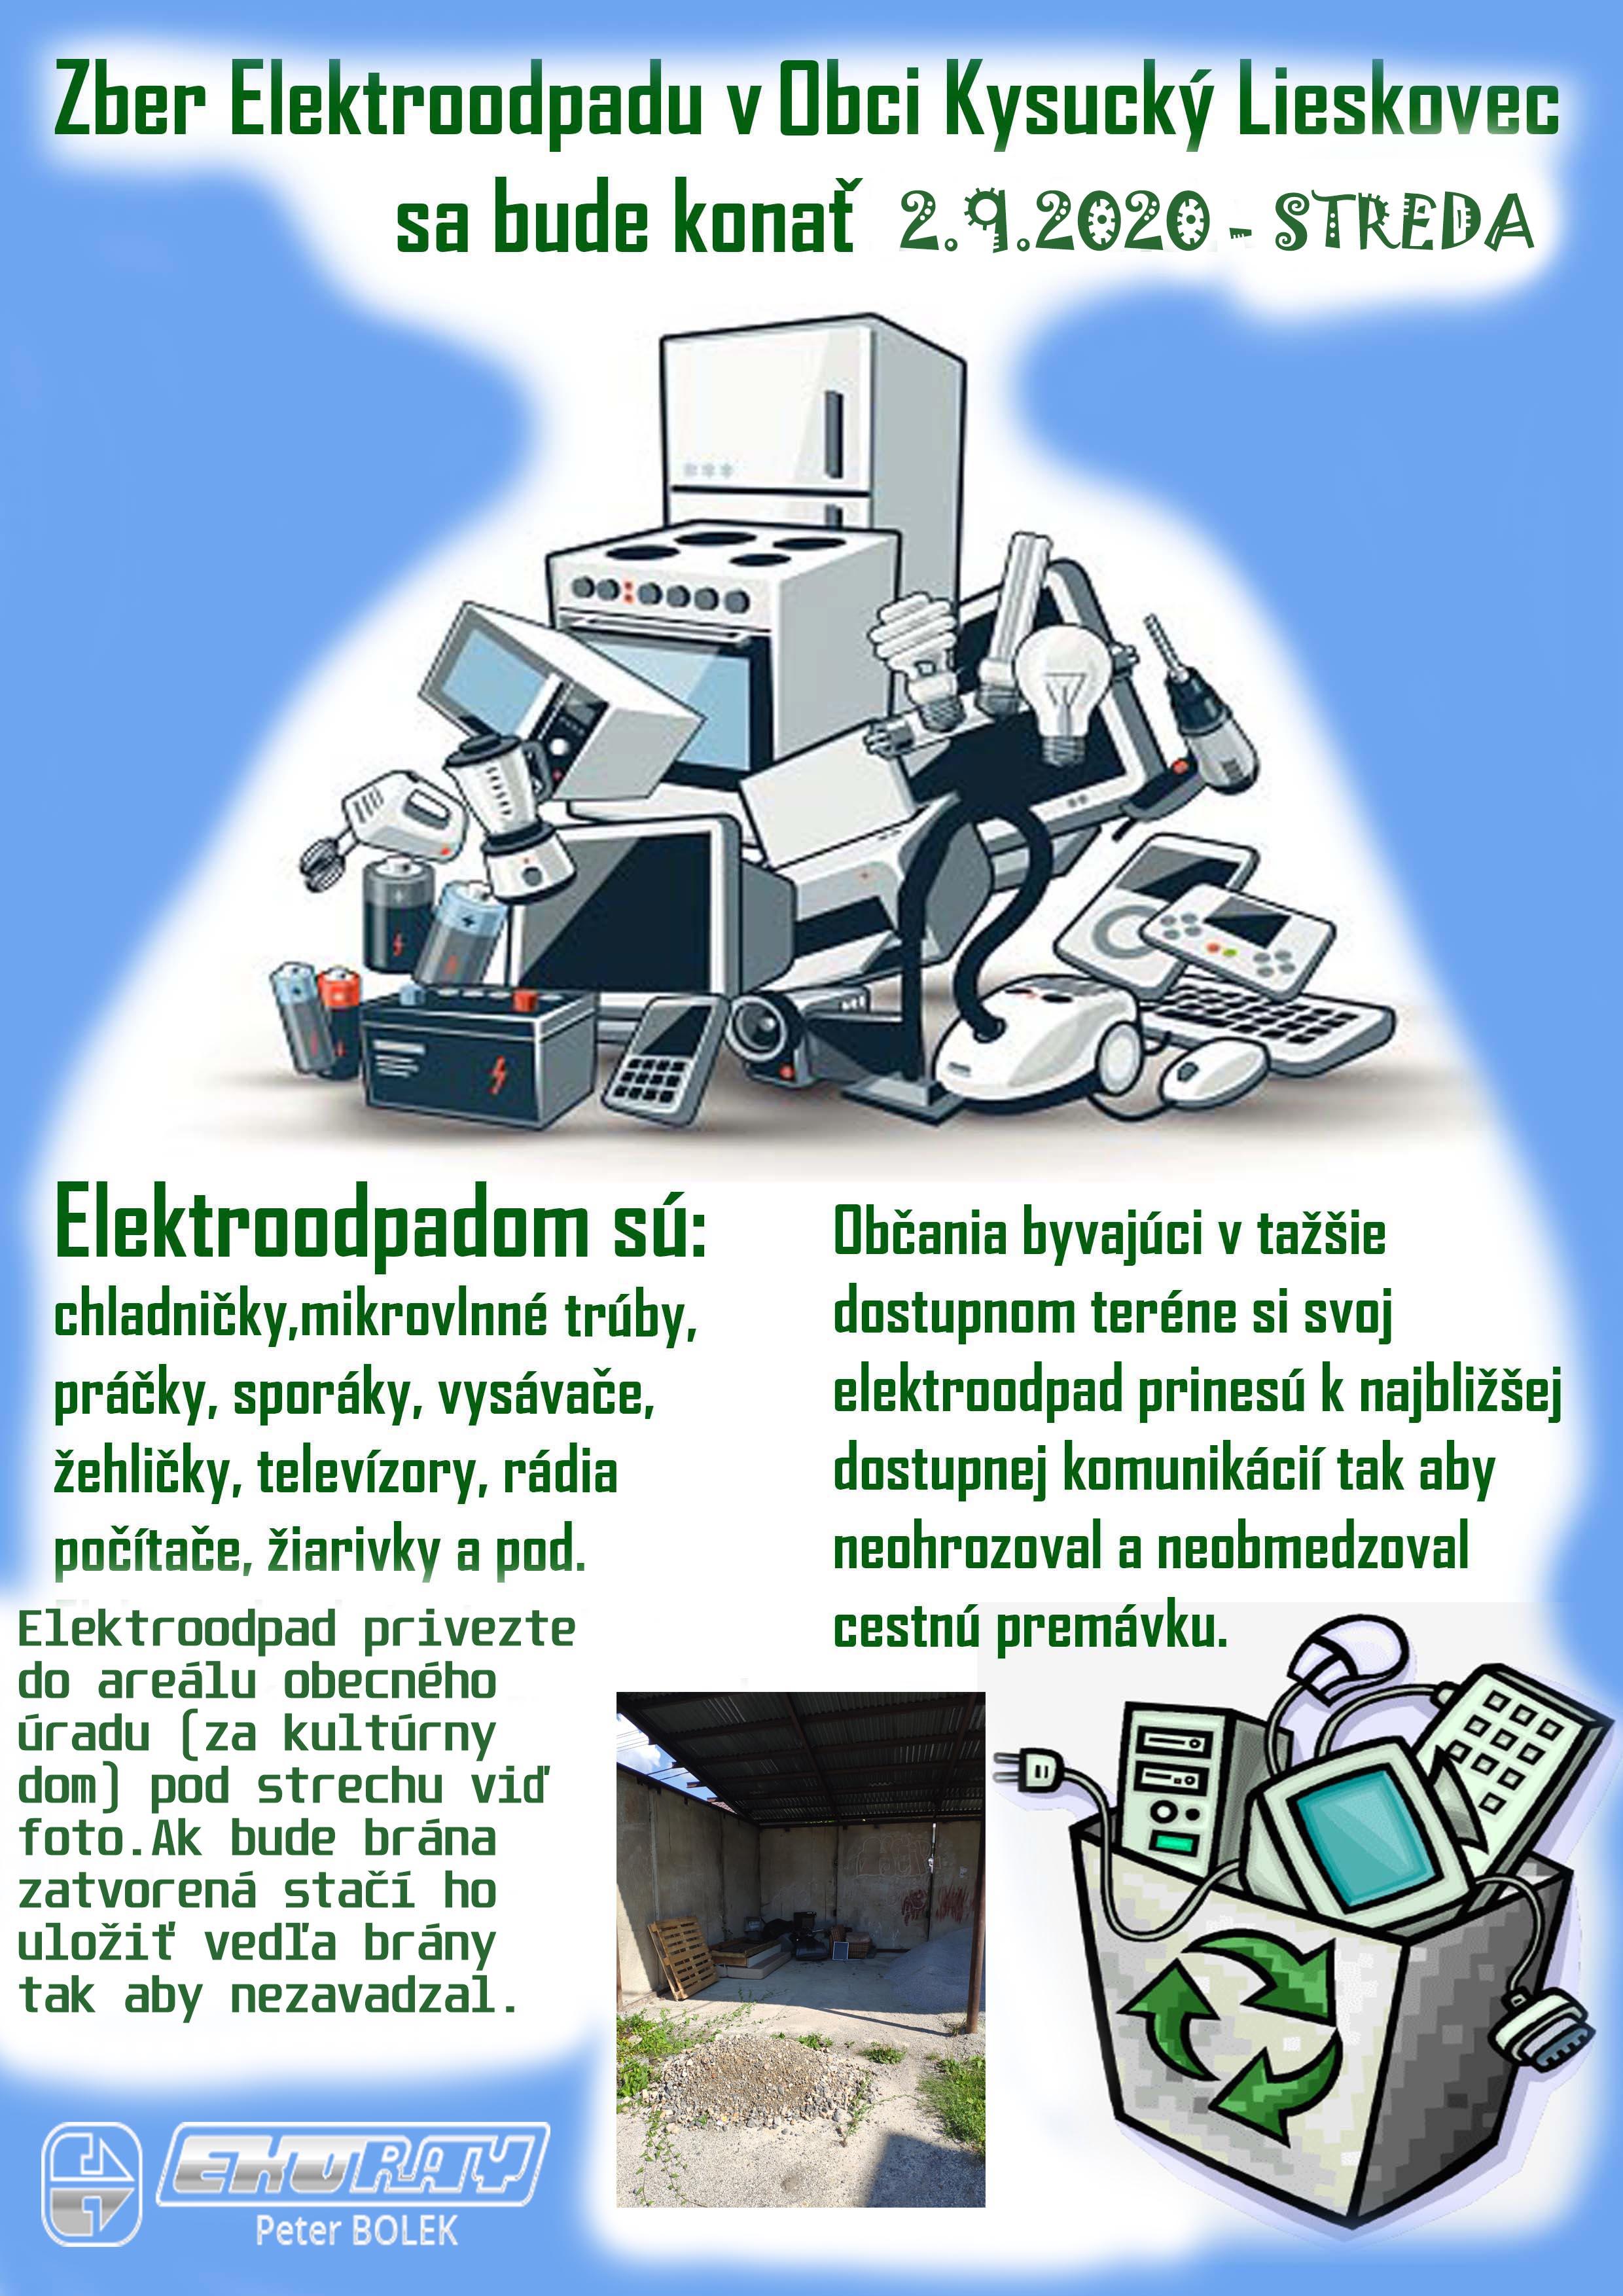 Zber ELEKTROODPADU 2.9.2020